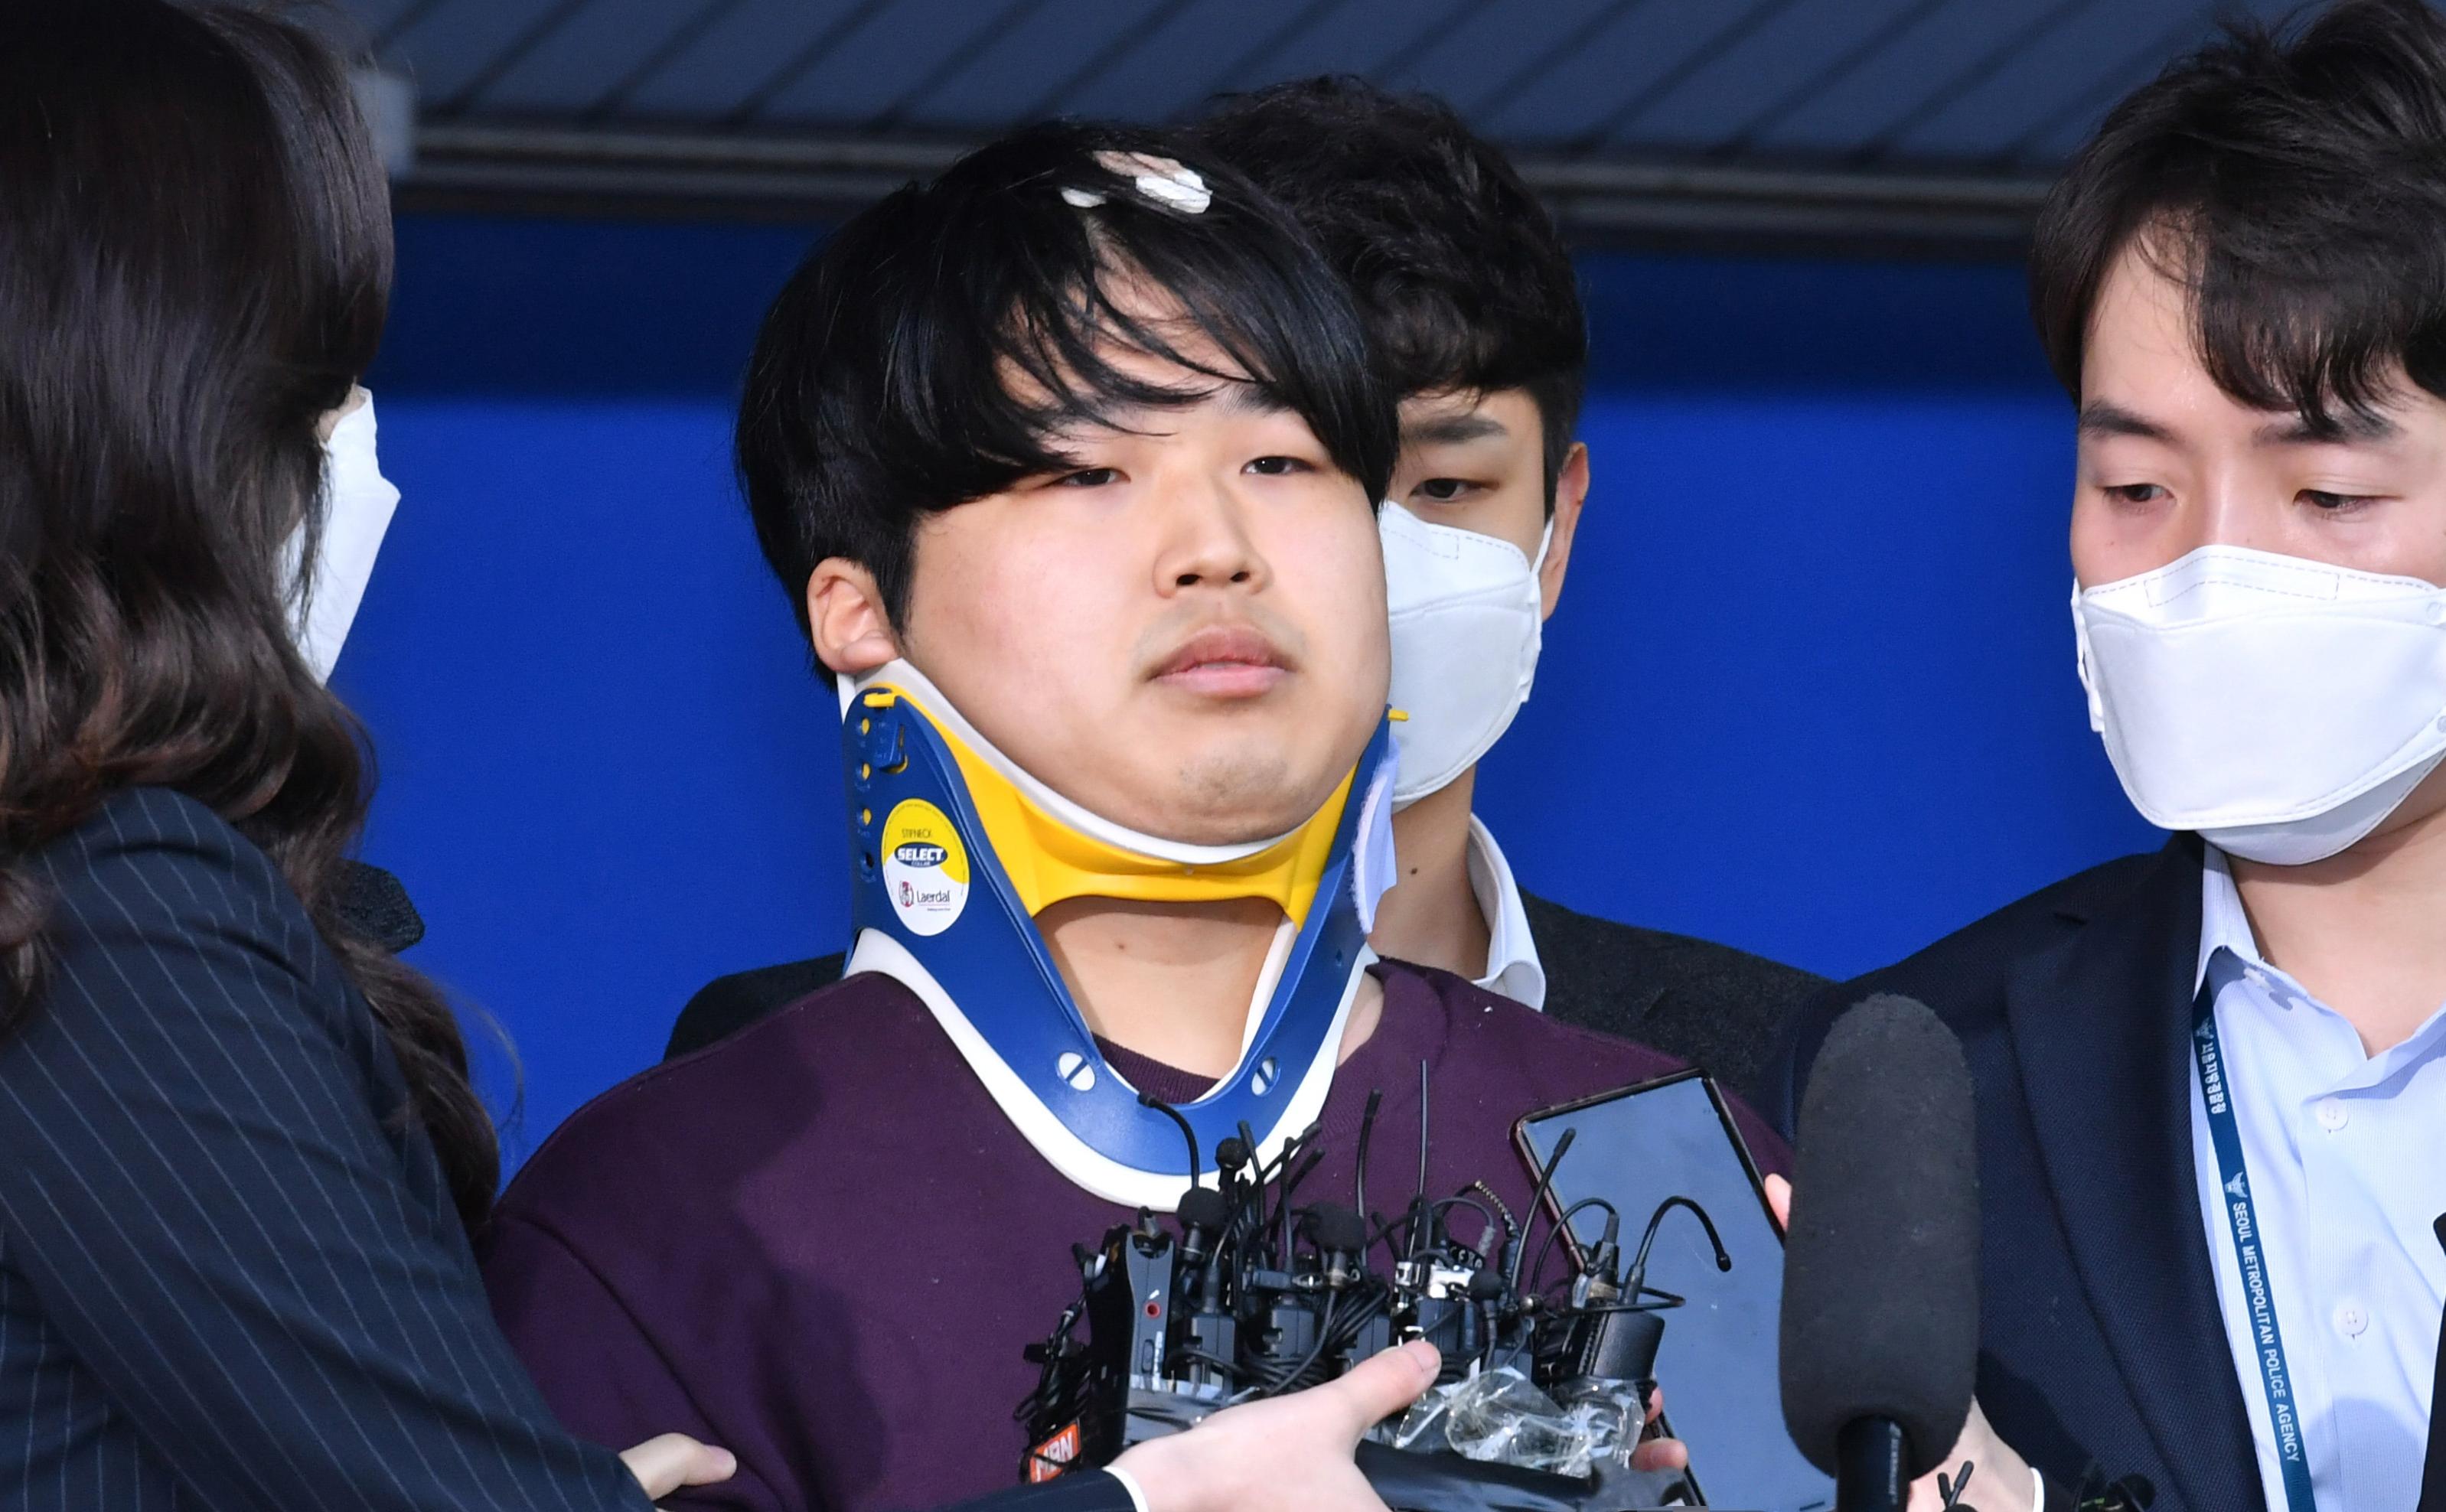 40 év börtönre ítélték a dél-koreai chatszobák vezetőjét, ahol szexvideózásra kényszerítettek nőket